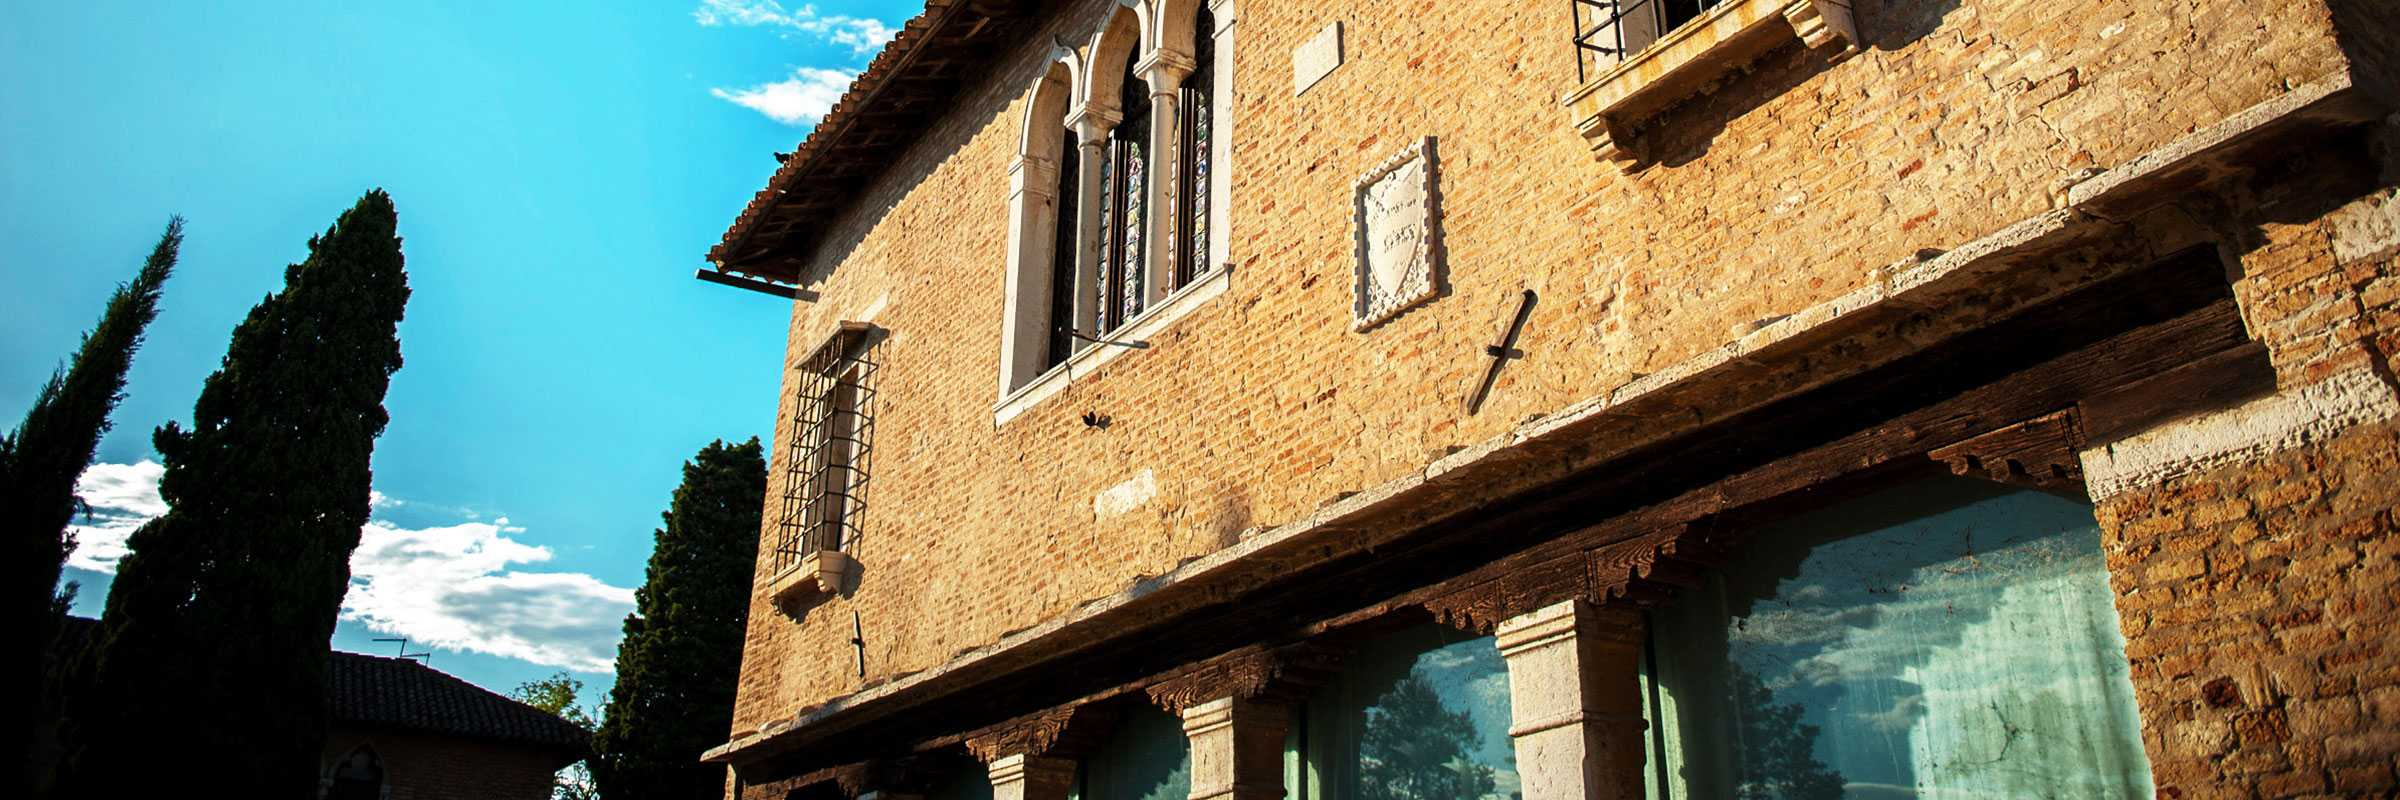 Detail of the facade of the Palazzo dell'Archivio of Torcello — (Archivio Bazzmann/Venipedia)